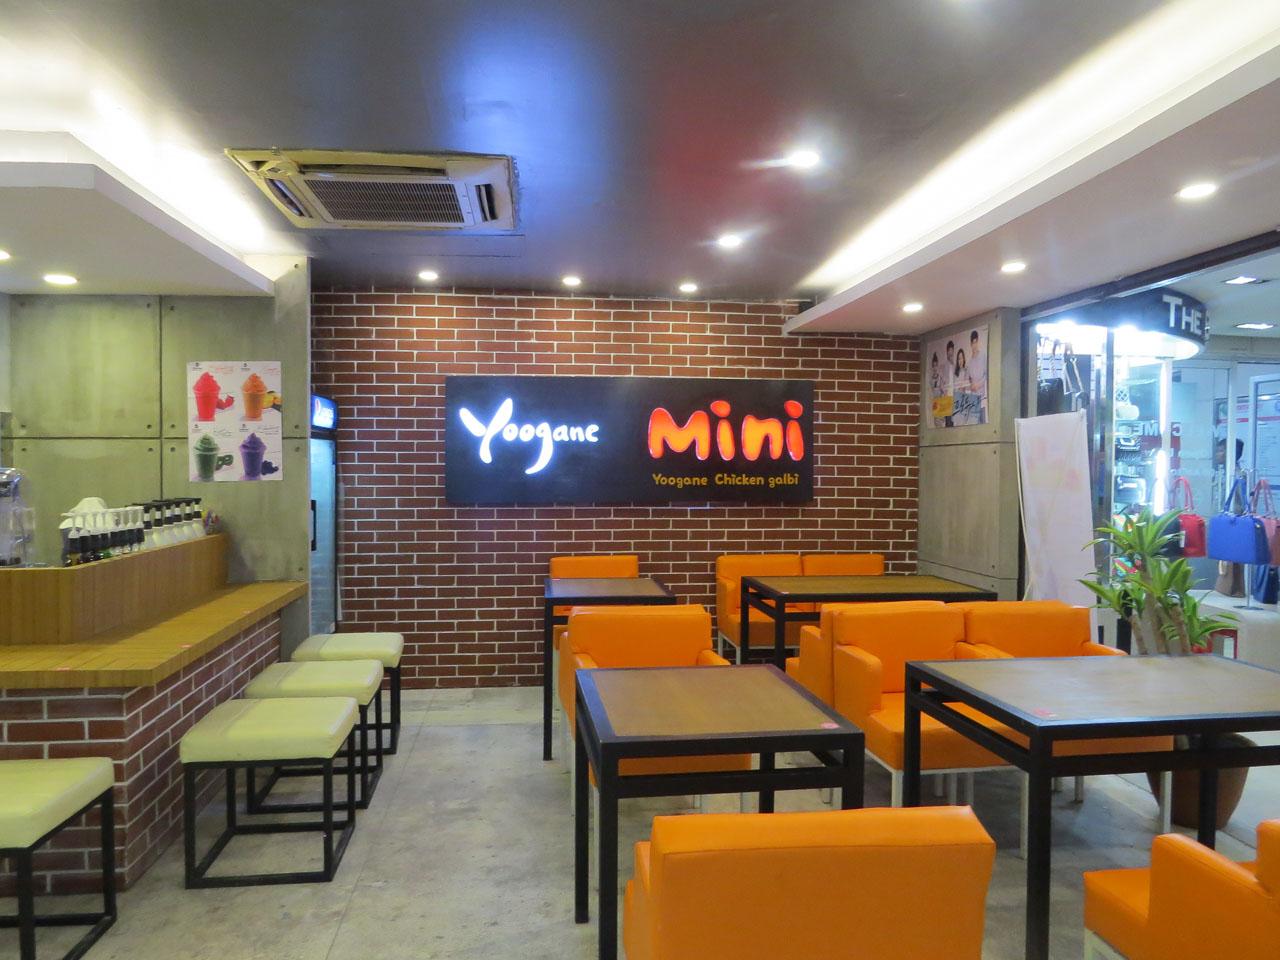 Yoogane-Korea-Restaurant-9-miles-yangon-myanmar-mopa-designs